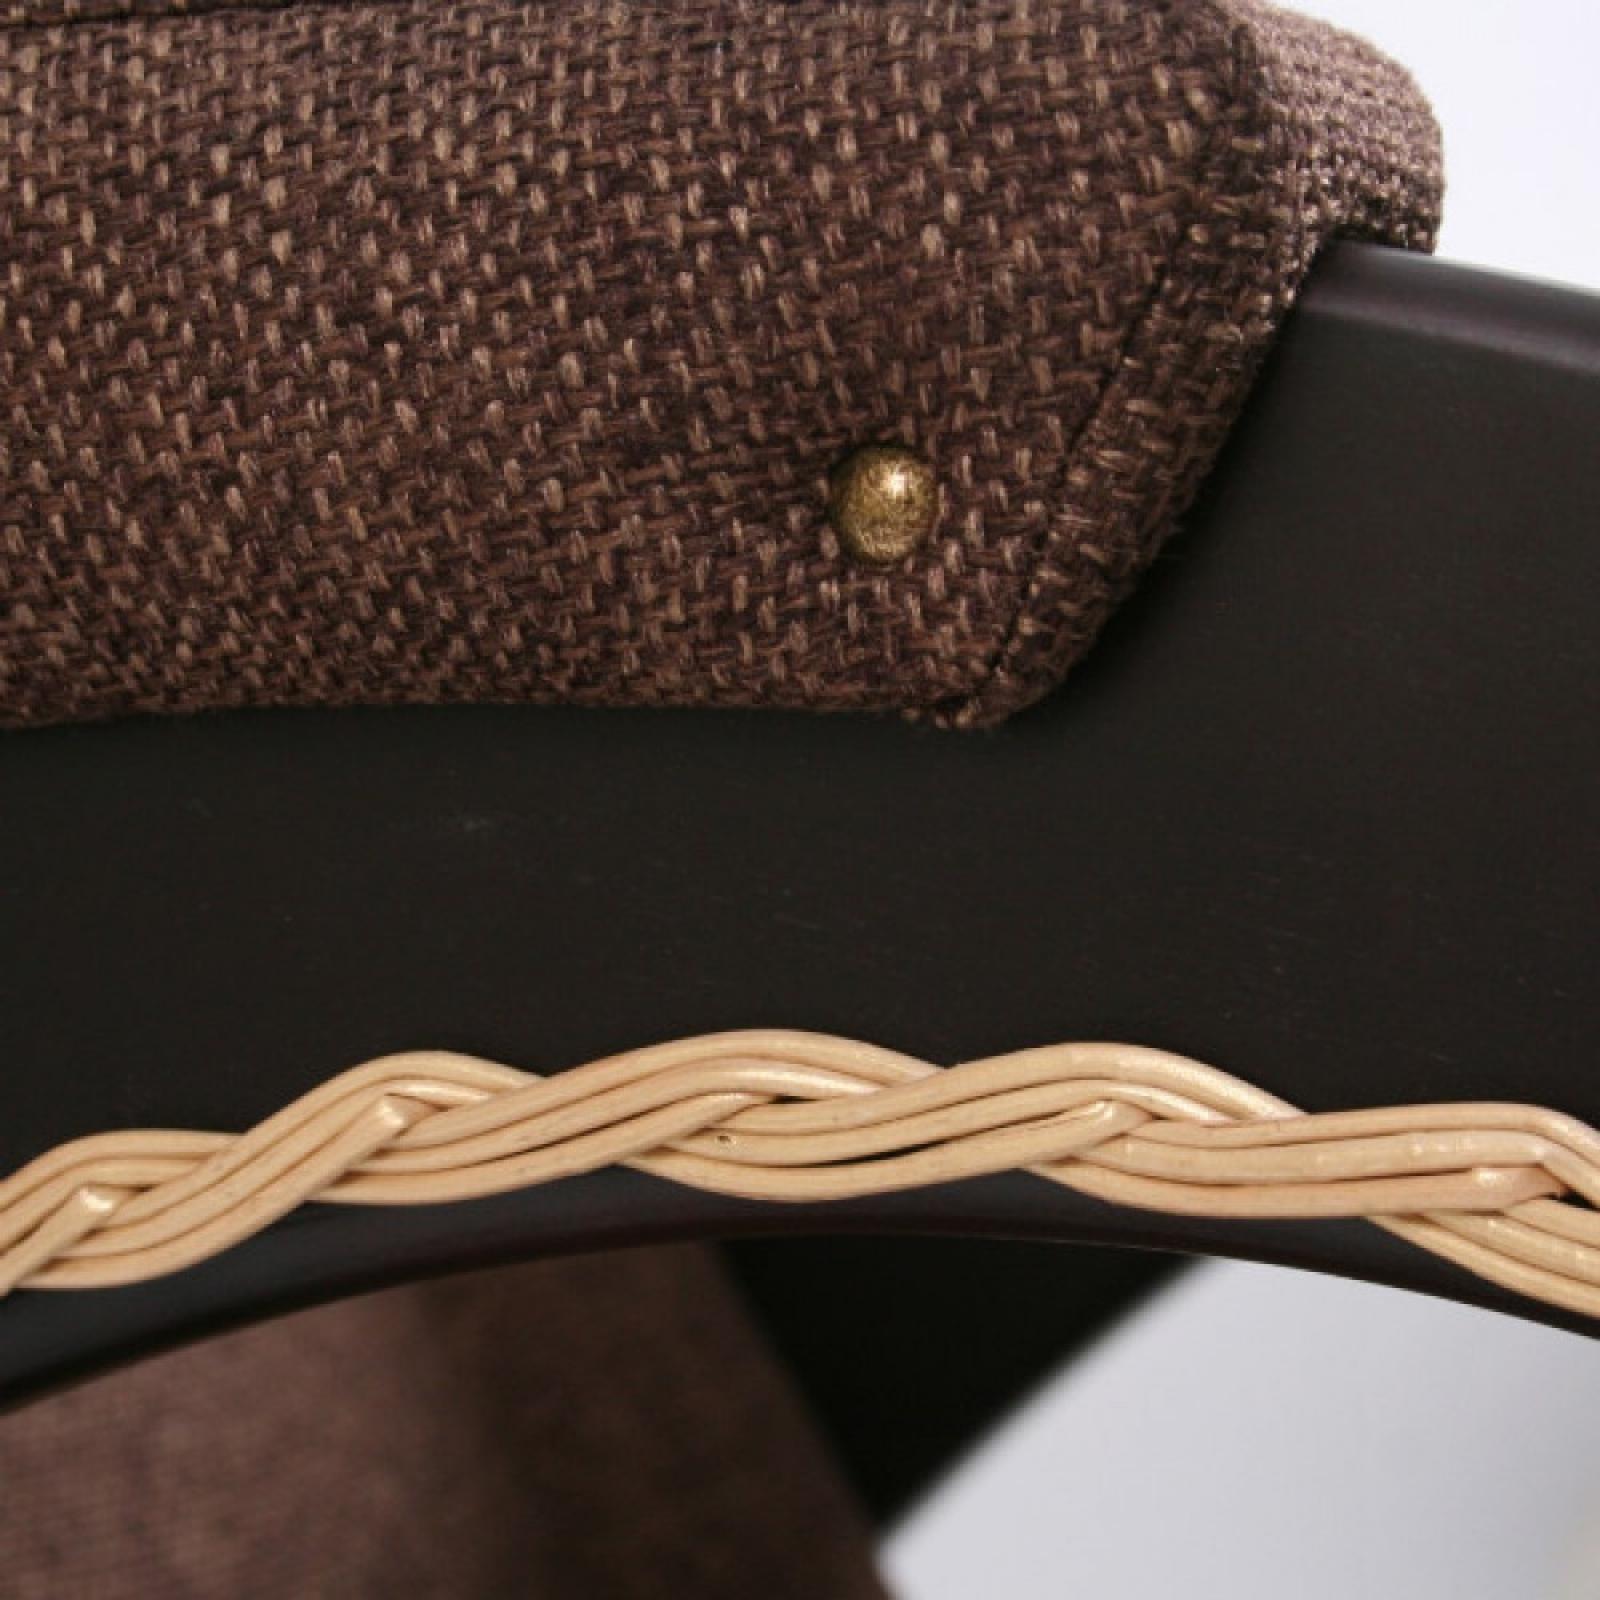 Кресло-качалка, Модель 4 (с декоративной косичкой) Венге/Мальта 17 - 1